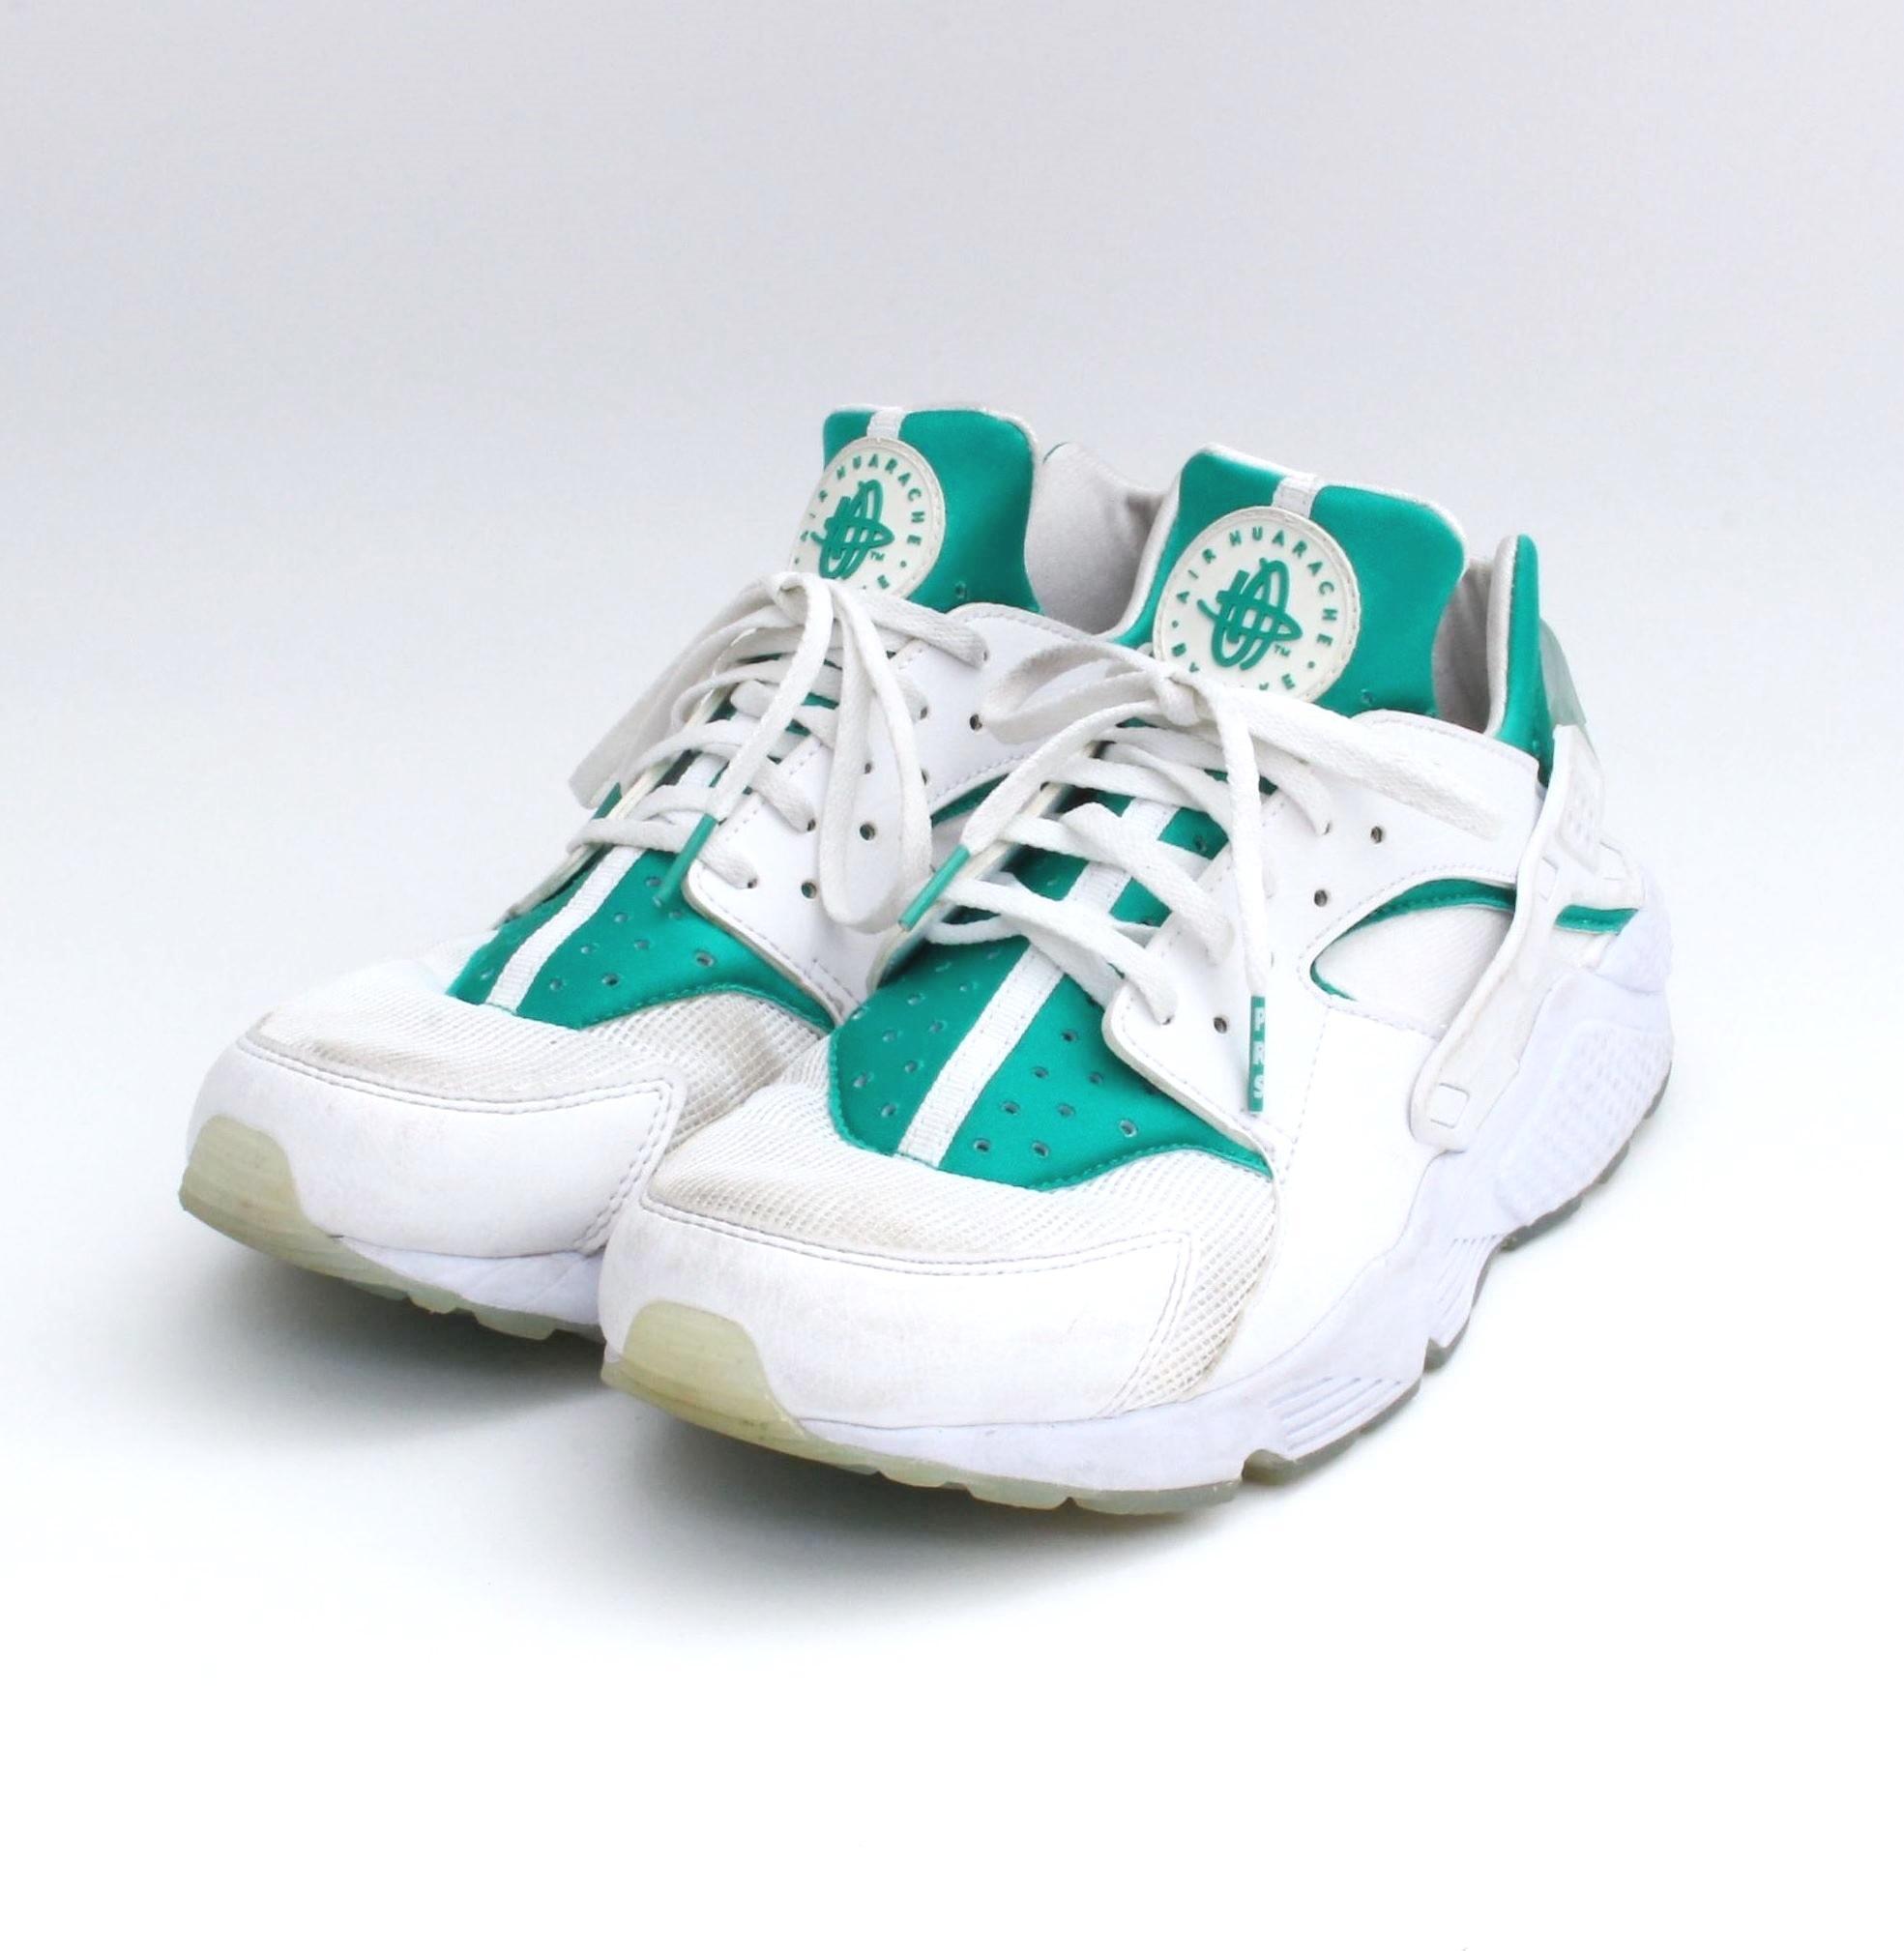 detailed pictures edbb3 5944f Nike Air Huarache Run PRM City Pack Paris WH×GR